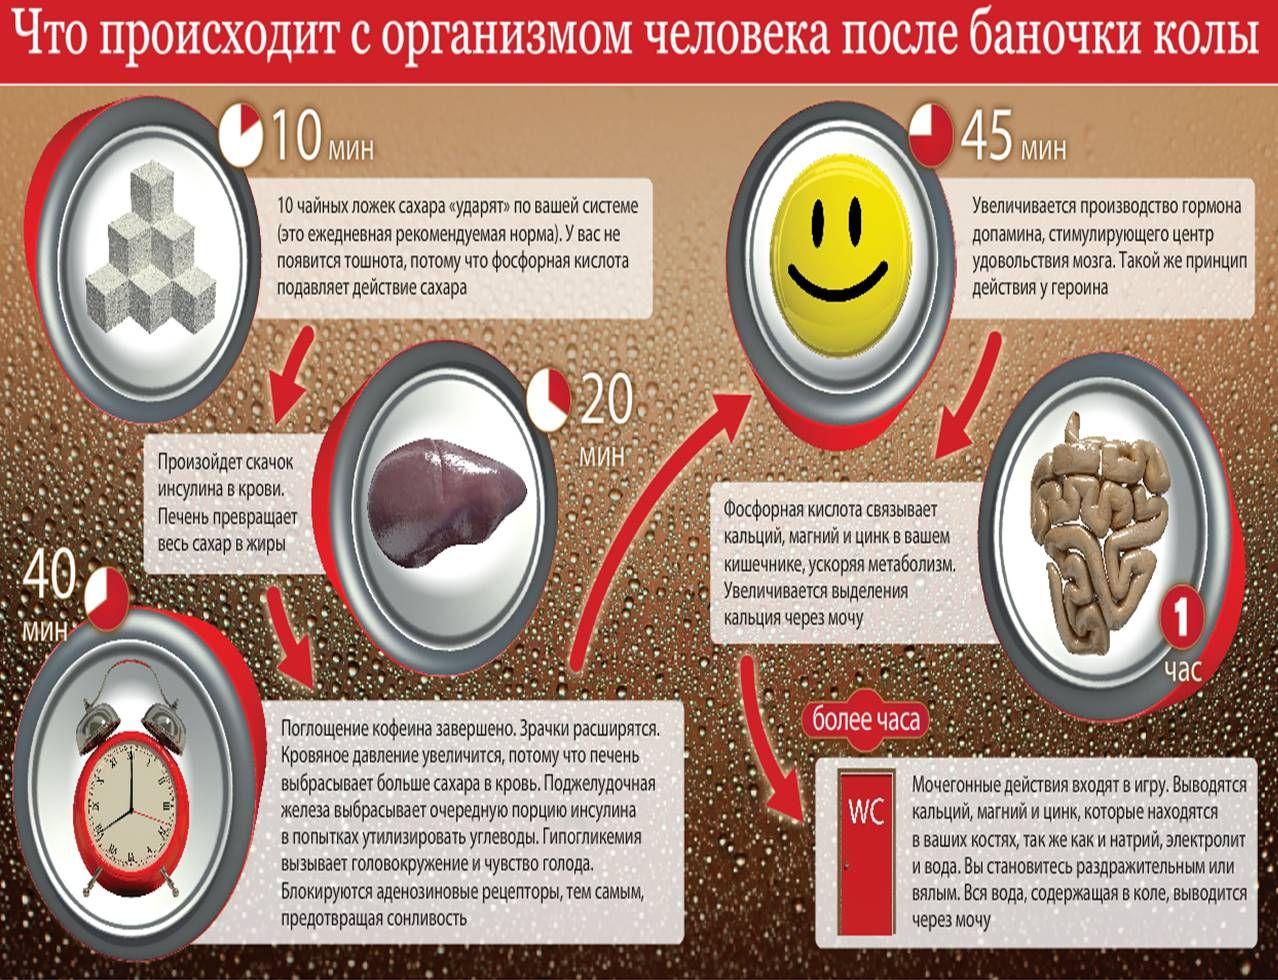 Как действует кола на организм (1 картинка)